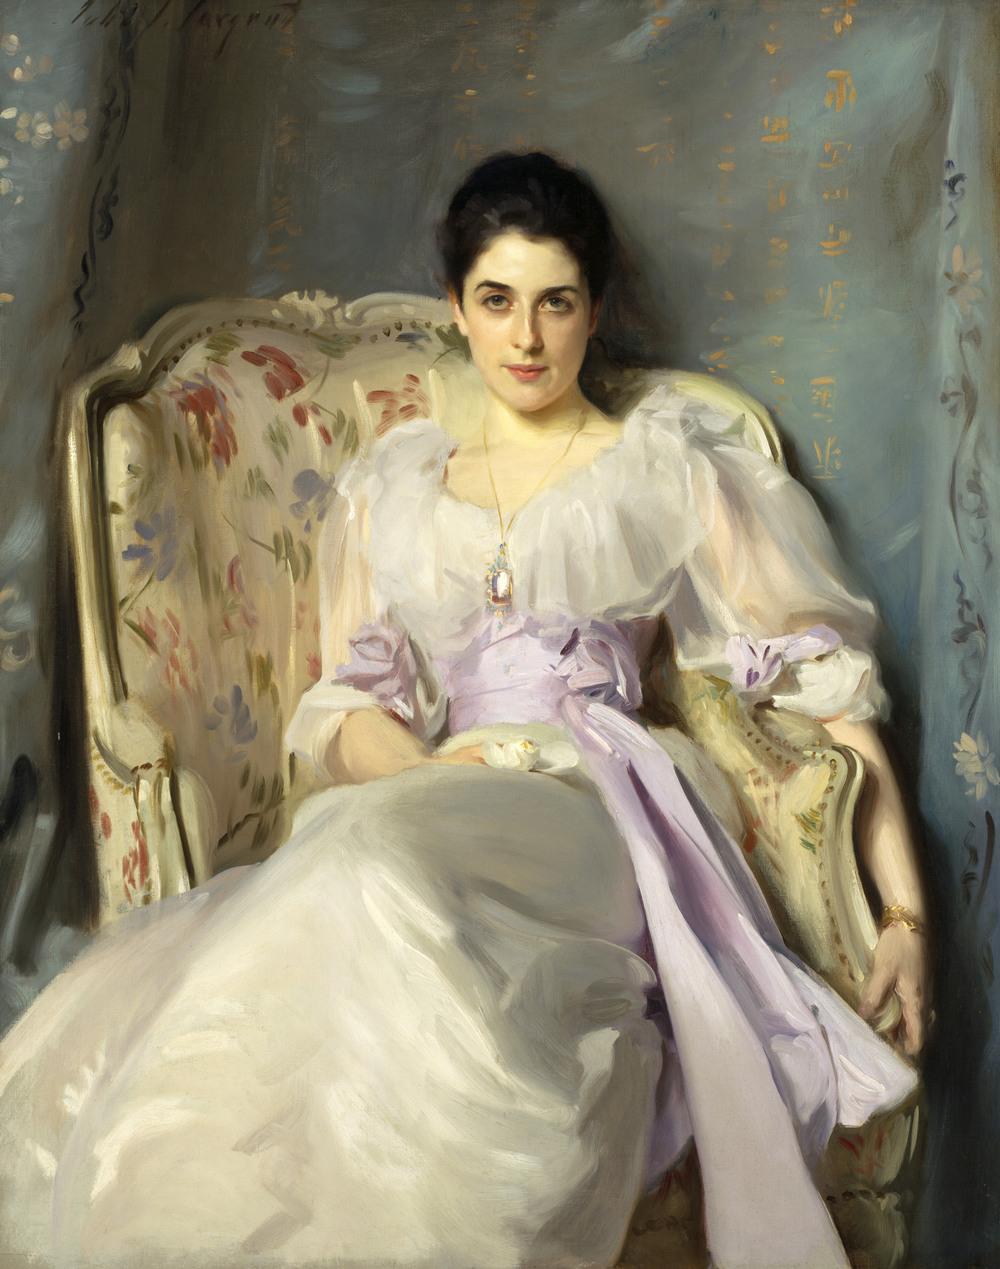 Национальные галереи Шотландии выложили онлайн богатейшую коллекцию шедевров